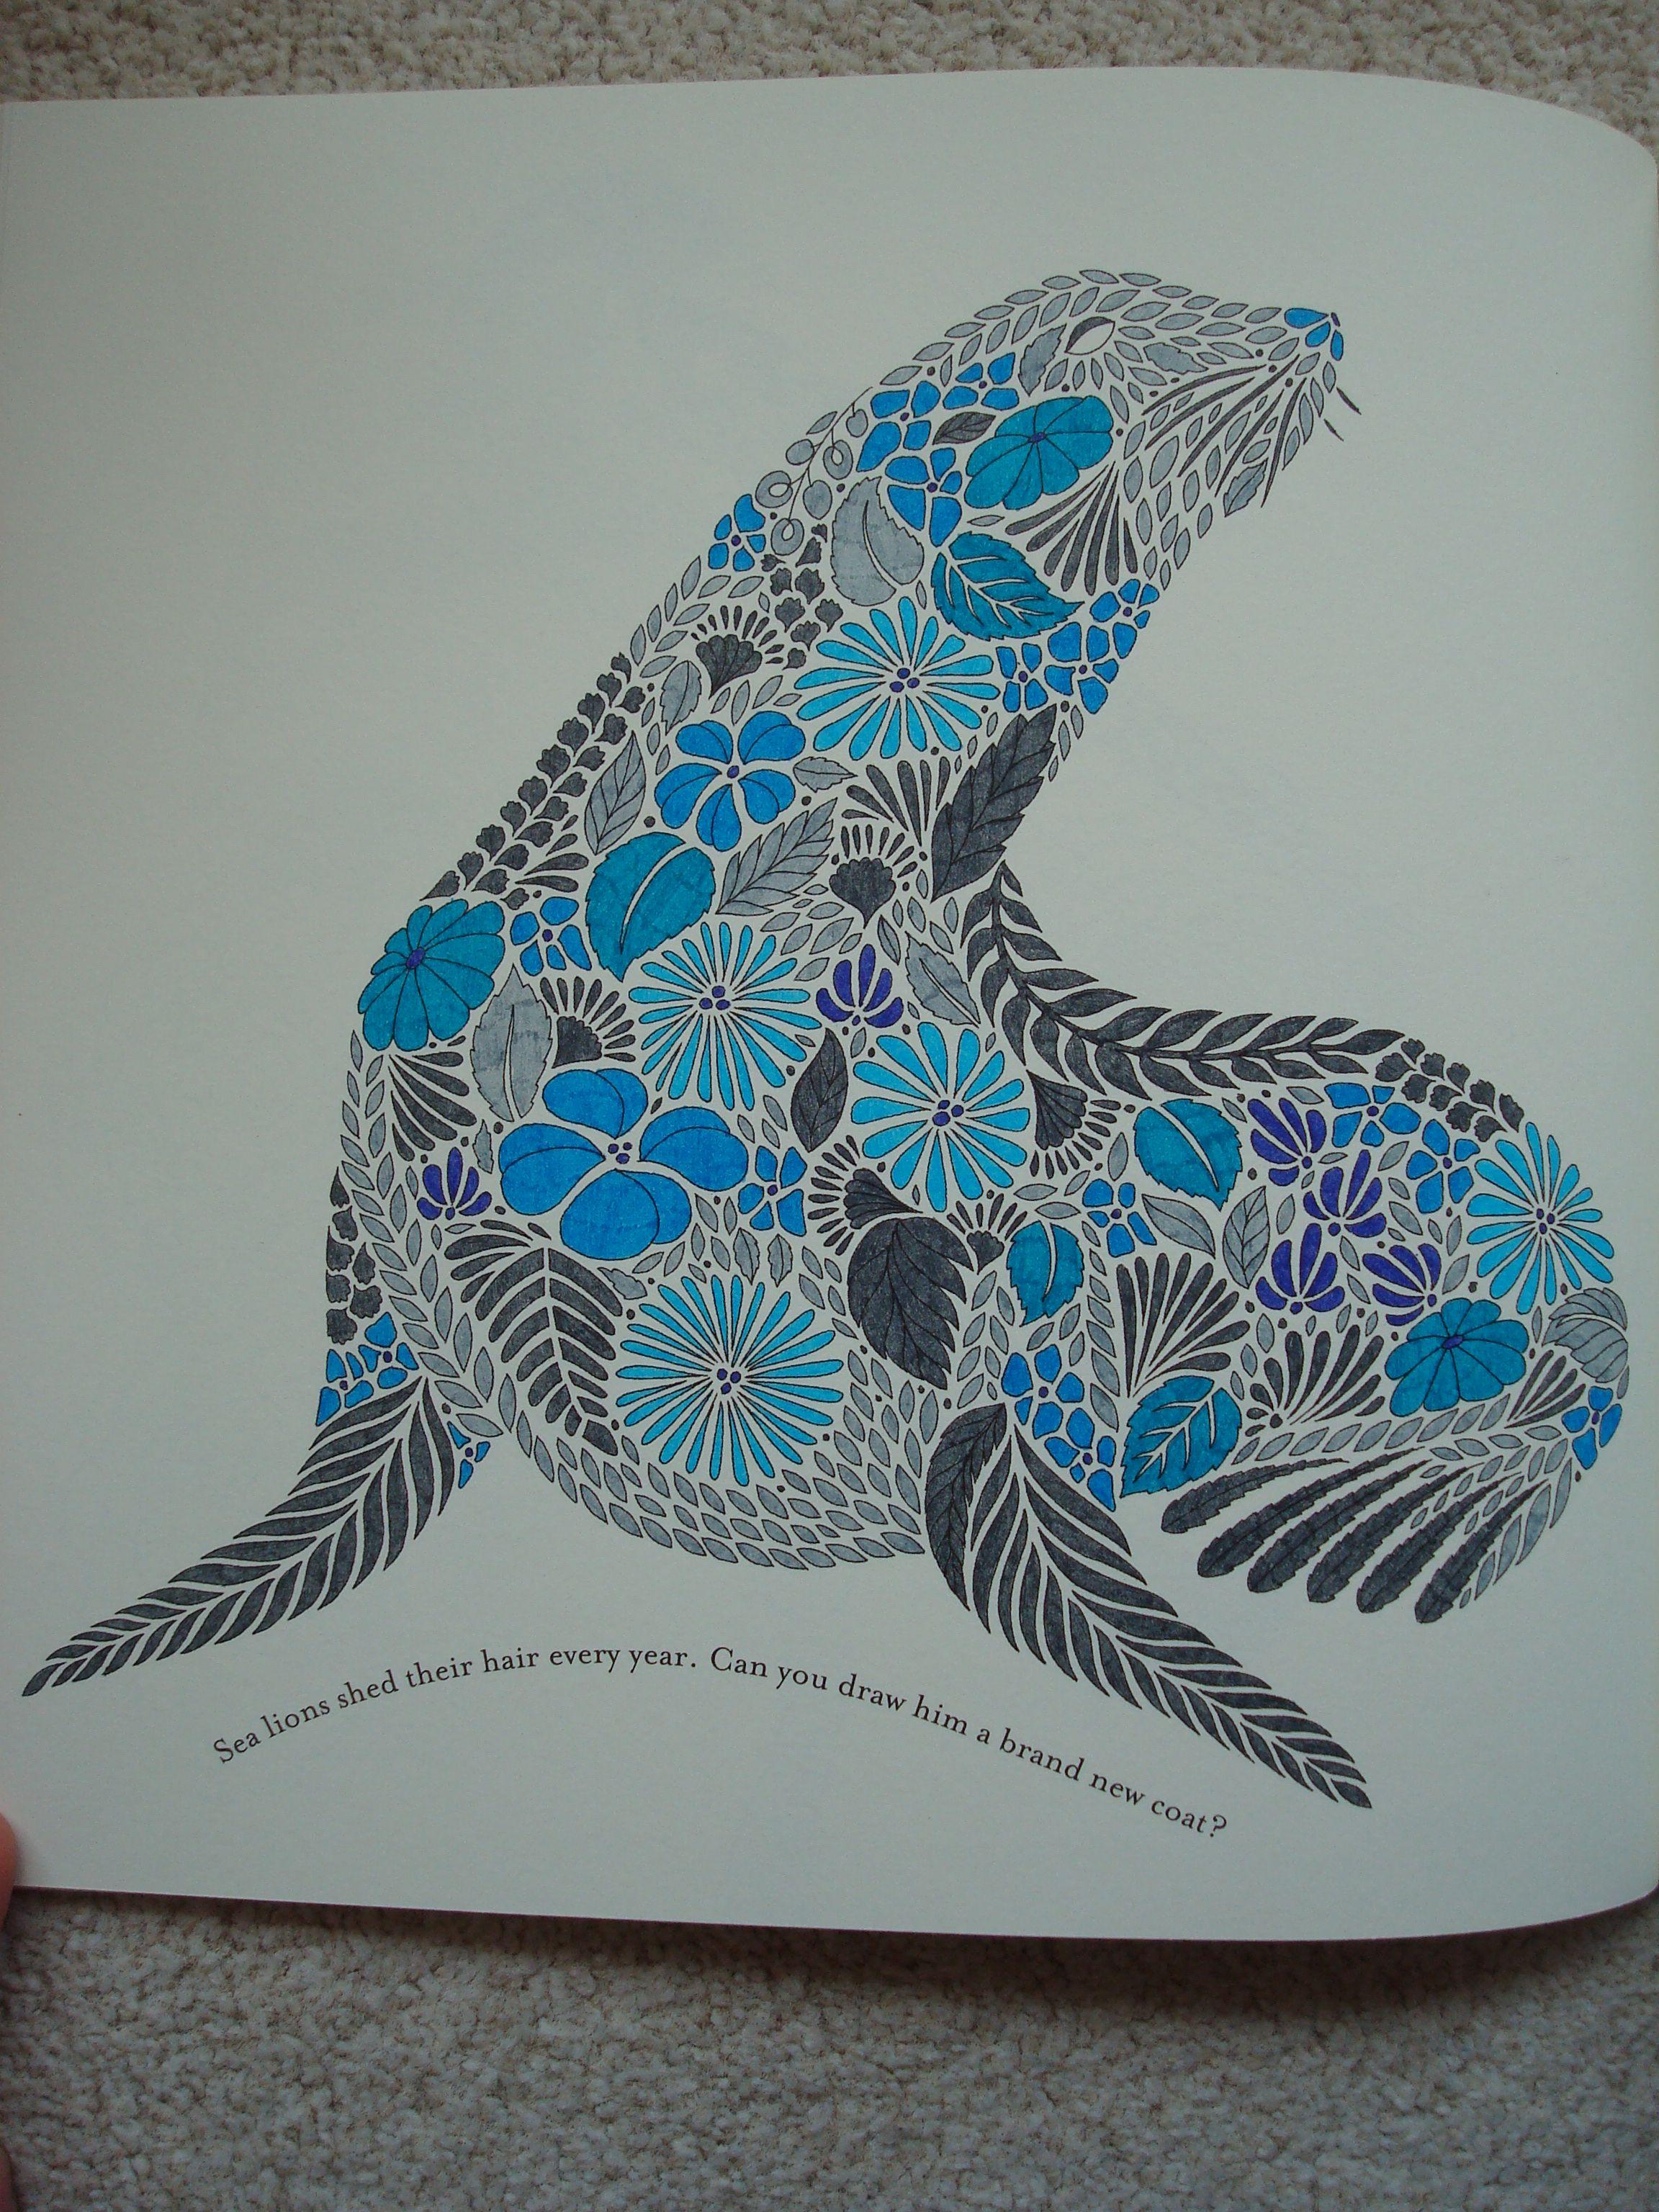 Animal kingdom coloring book gorilla - Coloring Ideas Seal